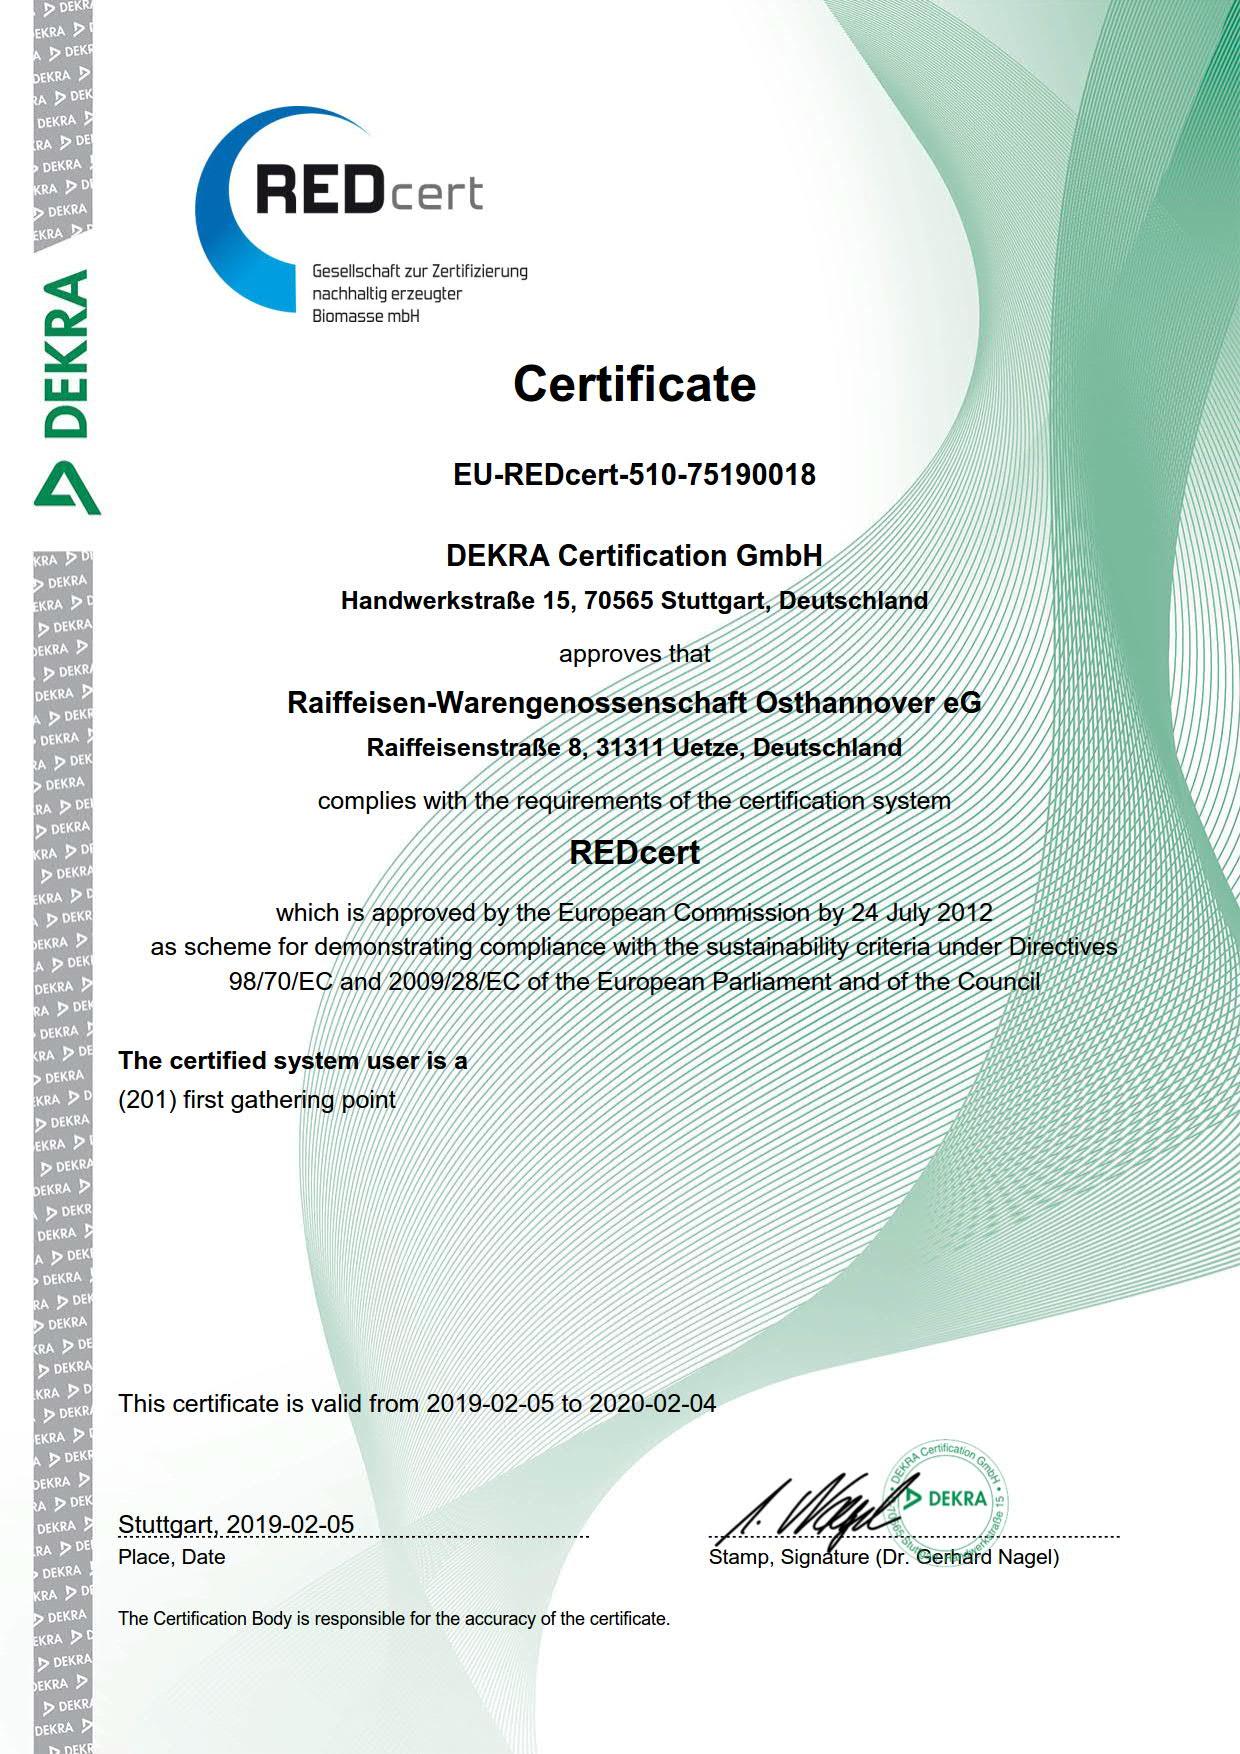 Zertifikate/2019_Zertifikat_REDcert_EU_Feb._2019_Erfassung.jpg